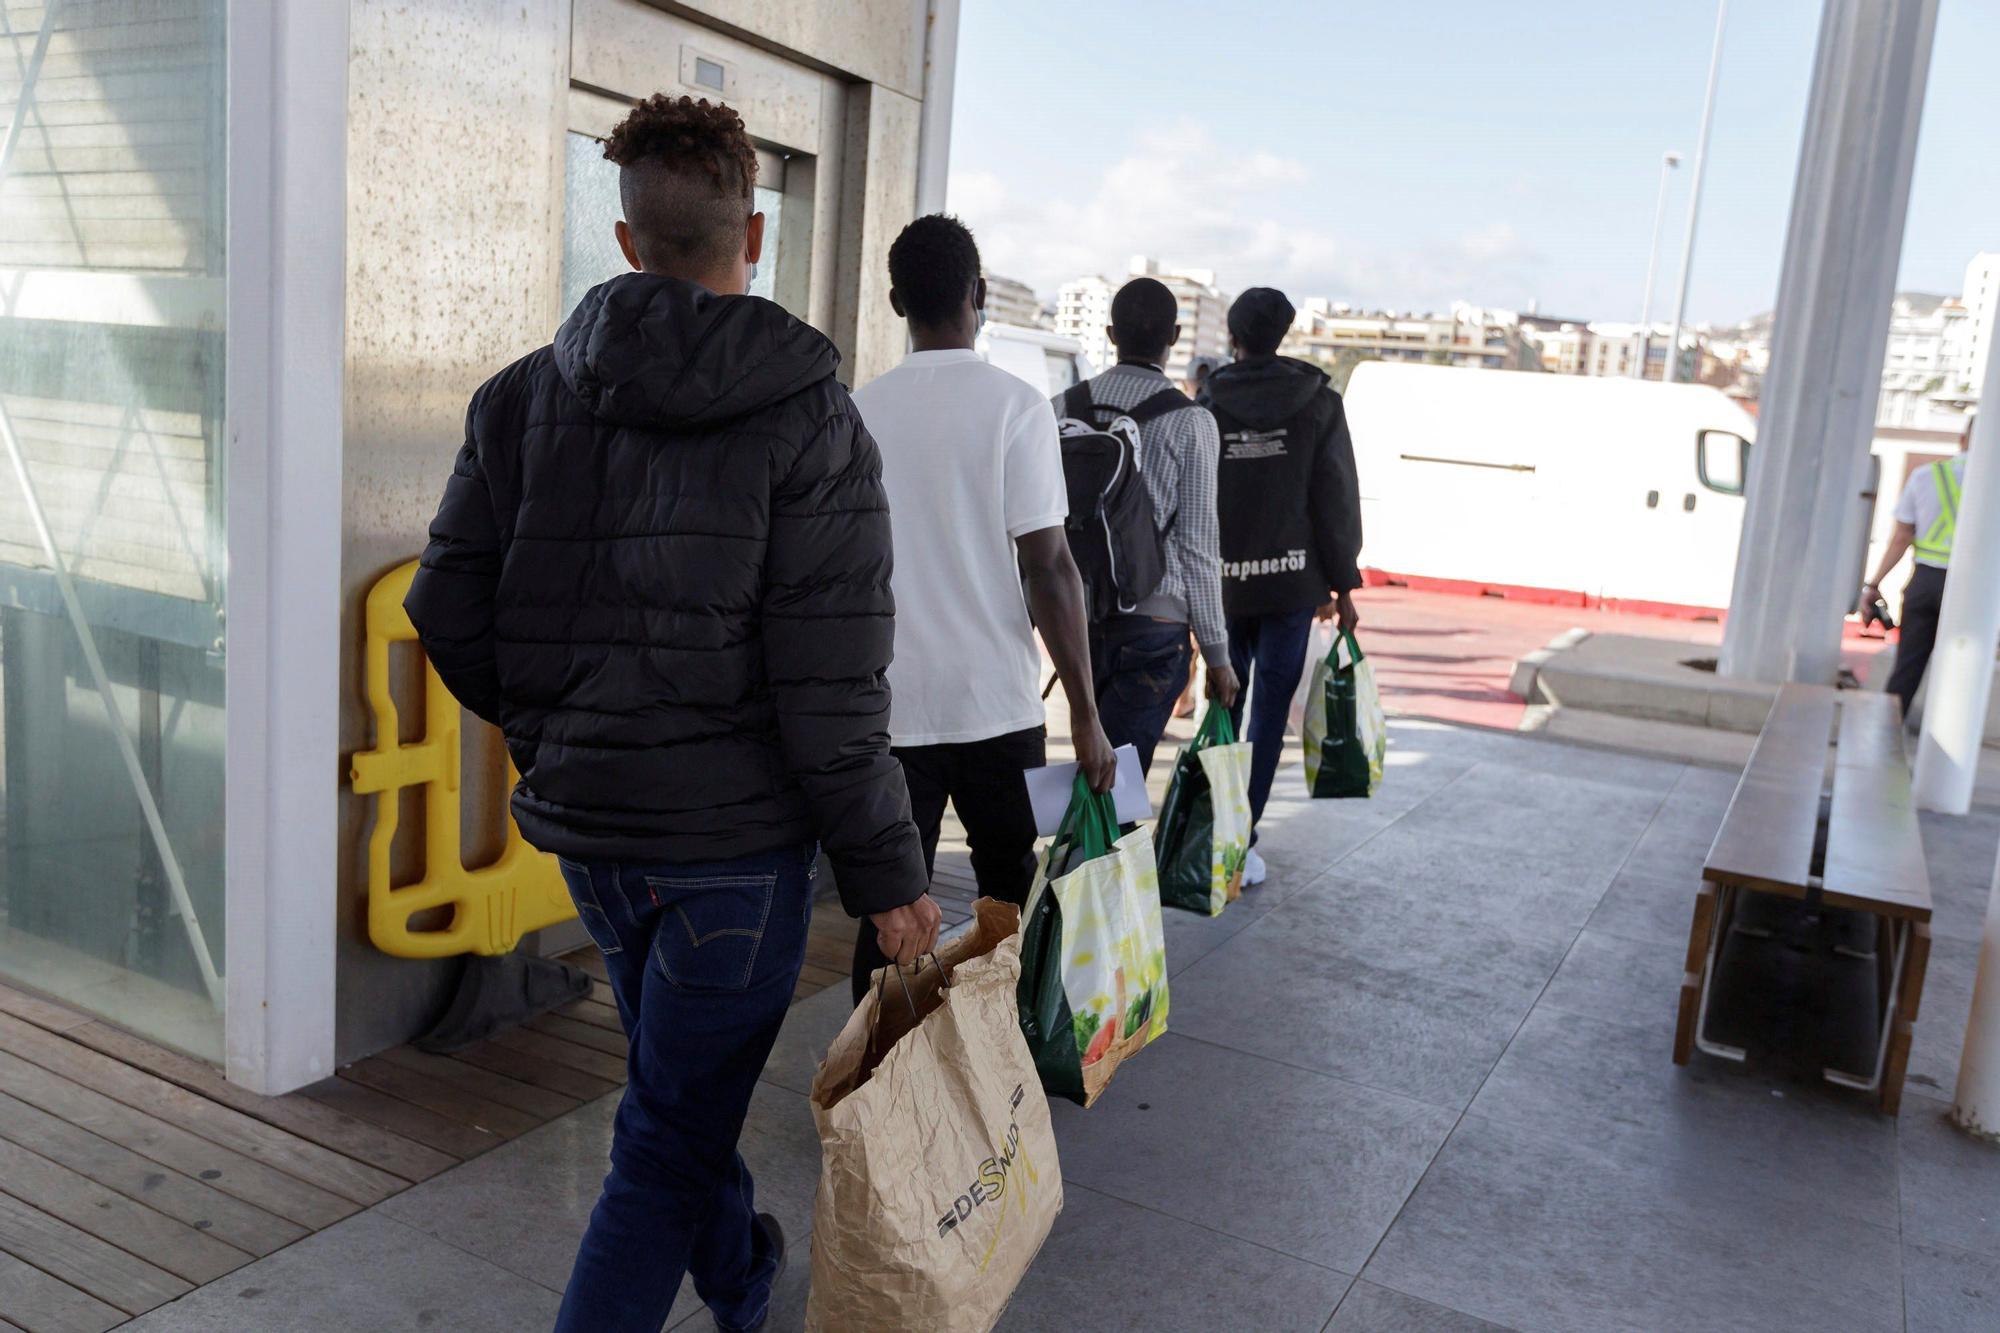 Nuevo traslado de inmigrantes a un hotel del sur de Tenerife